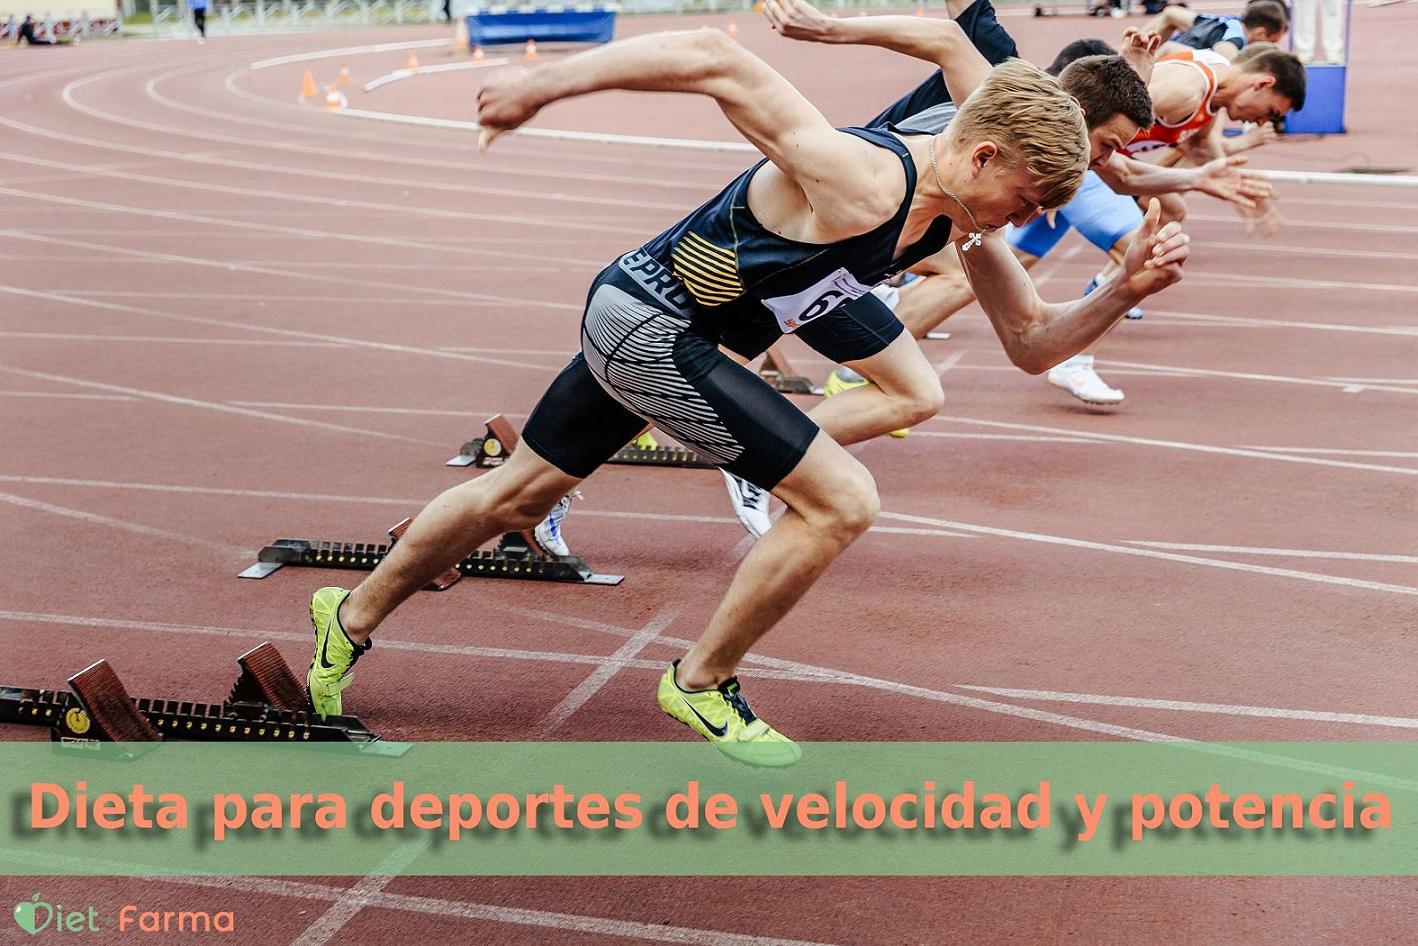 deporte de velocidad y potencia